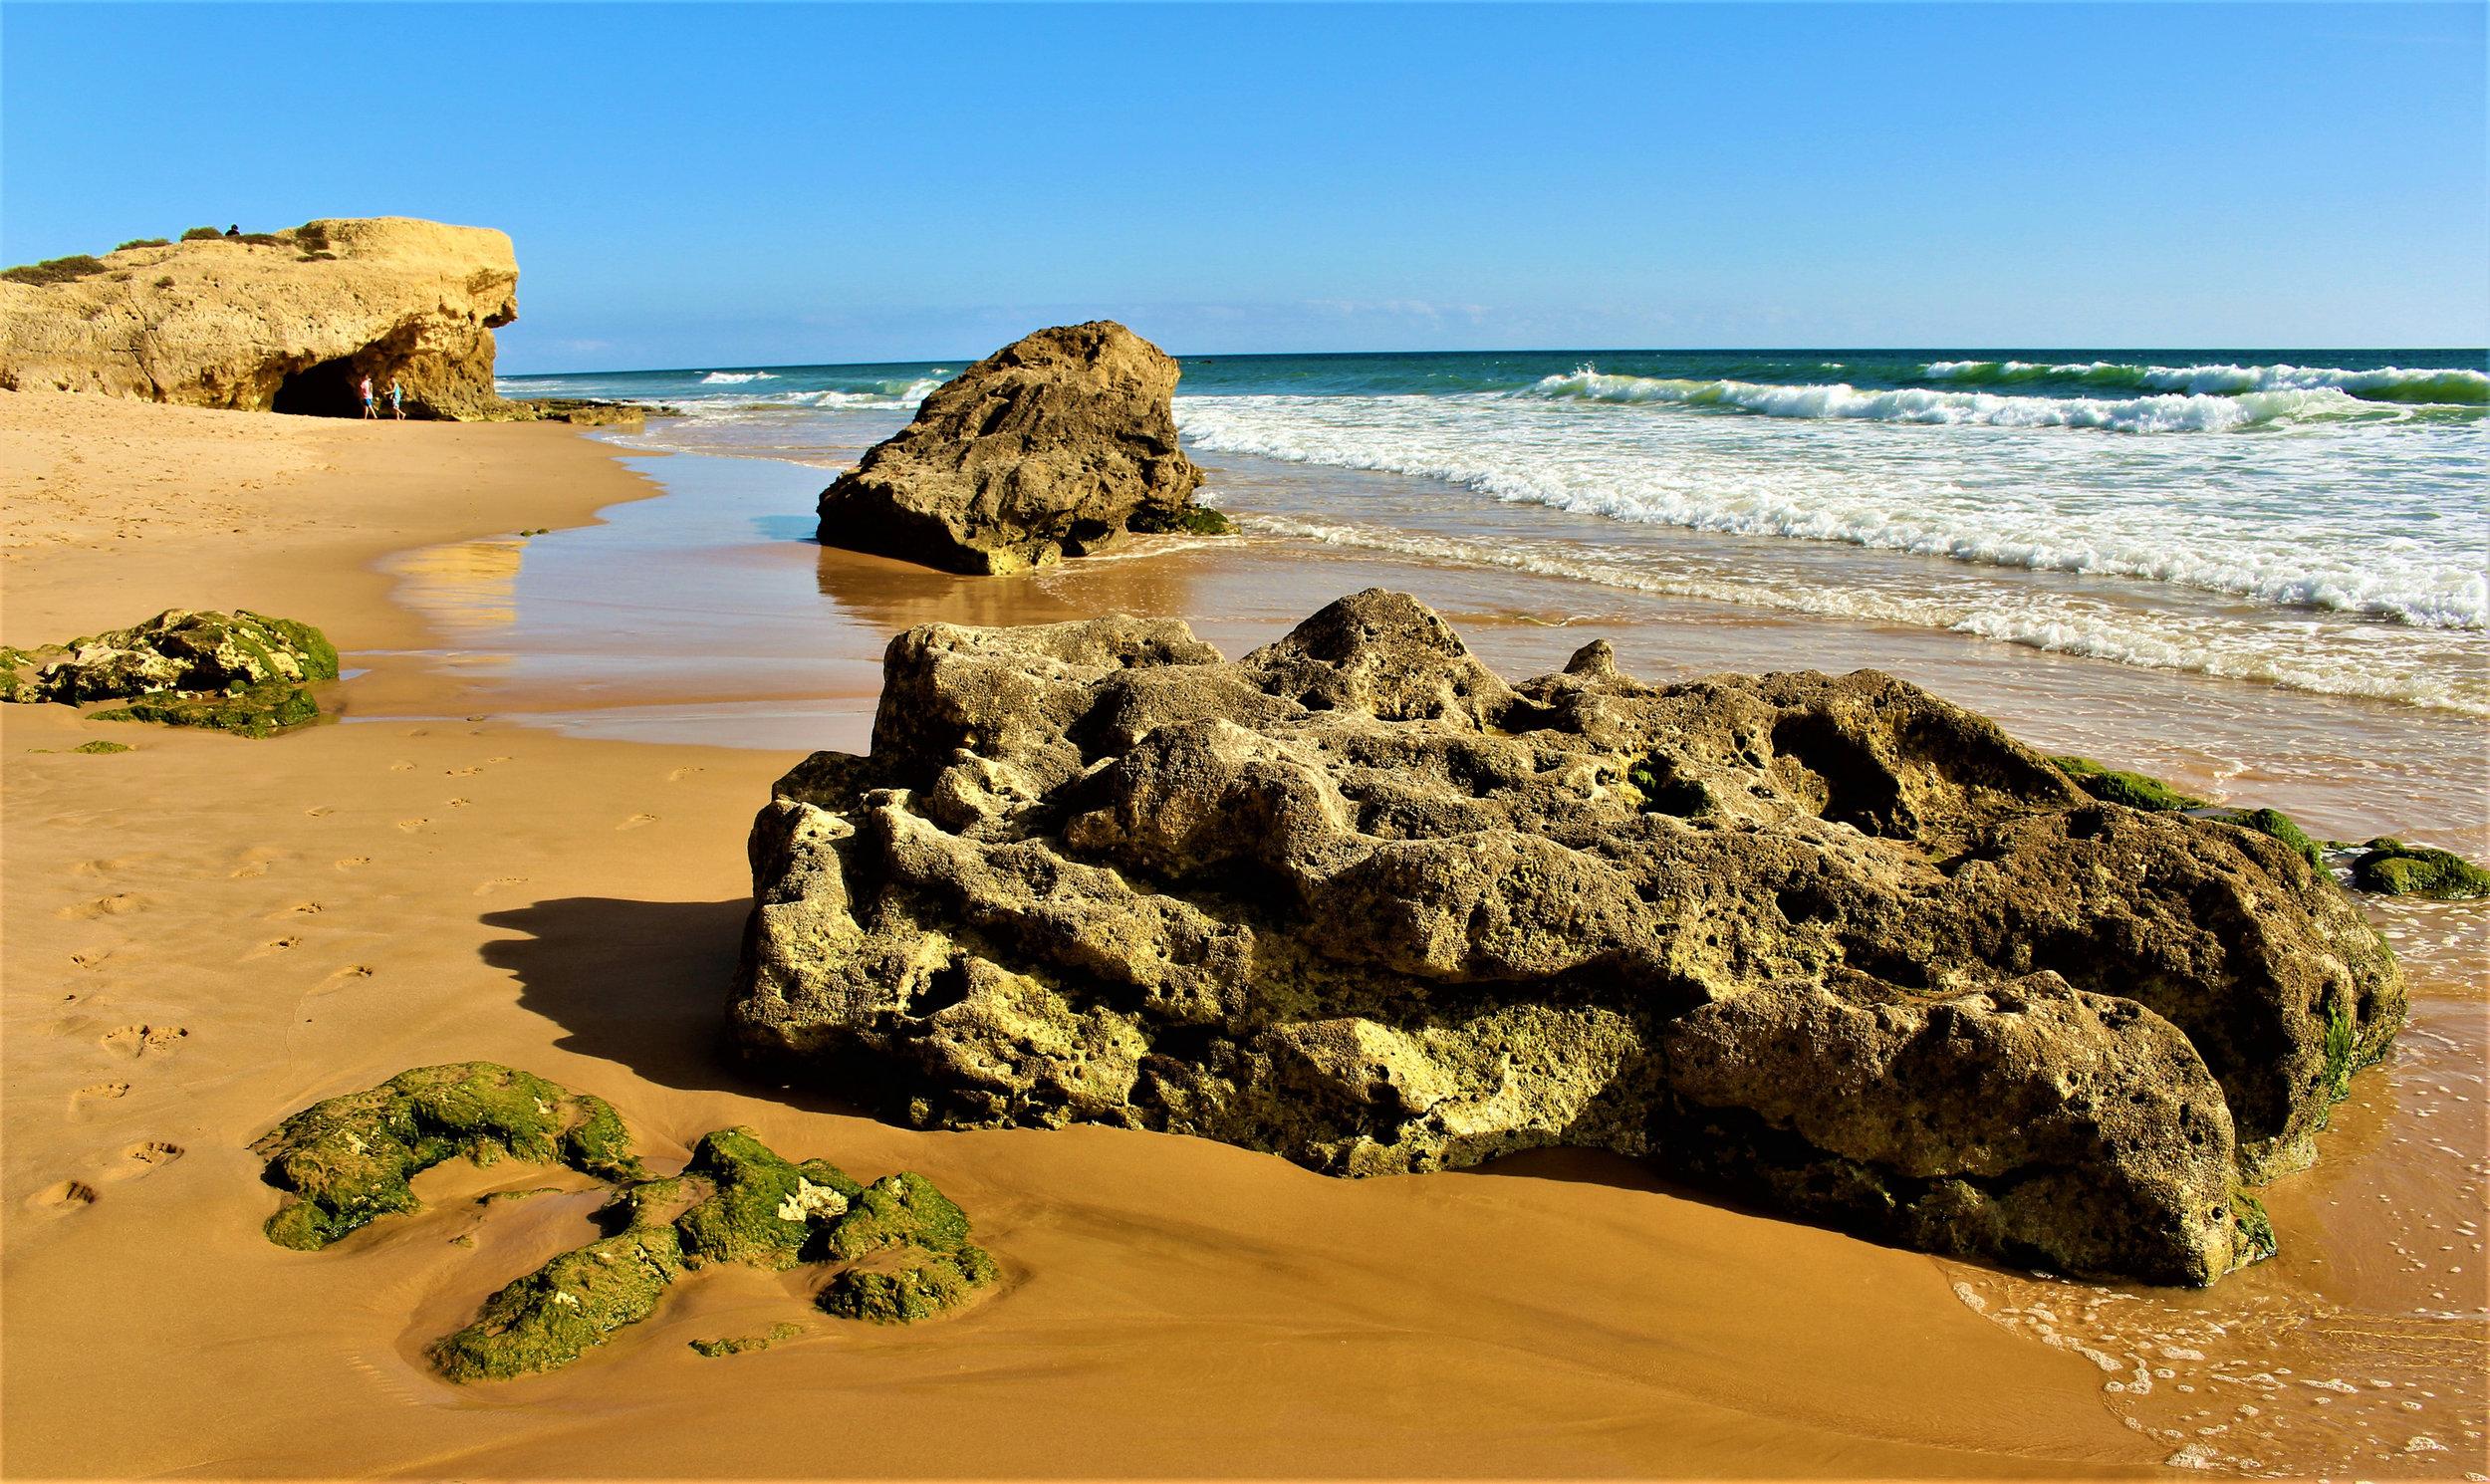 AsisaMadian_AlgarveWavebreaker_6,4x10,75_350.JPG